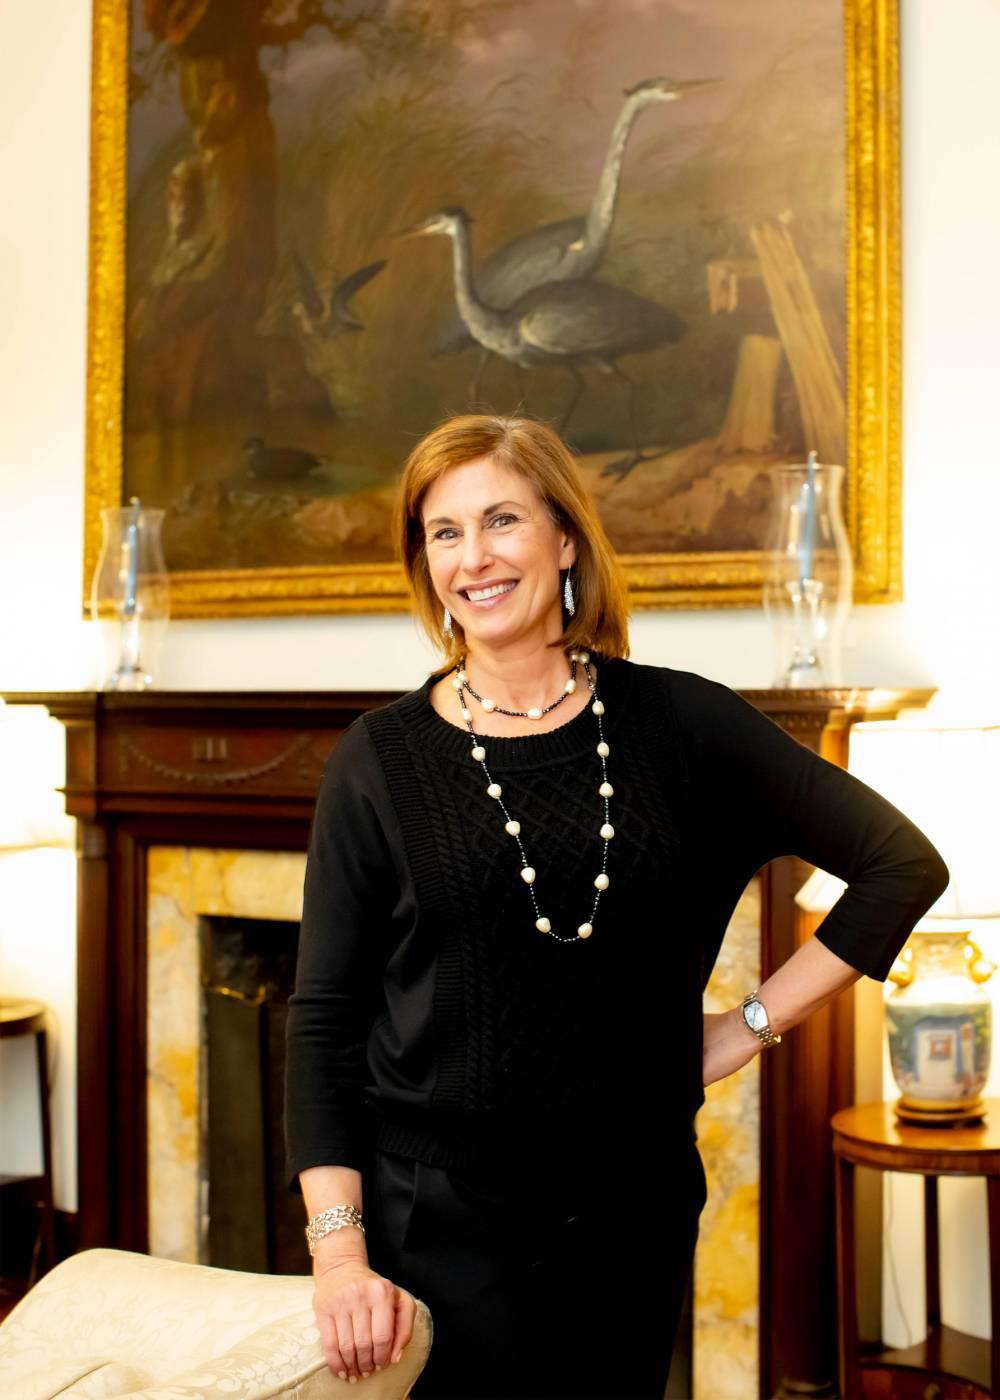 Beth Y. Karlan